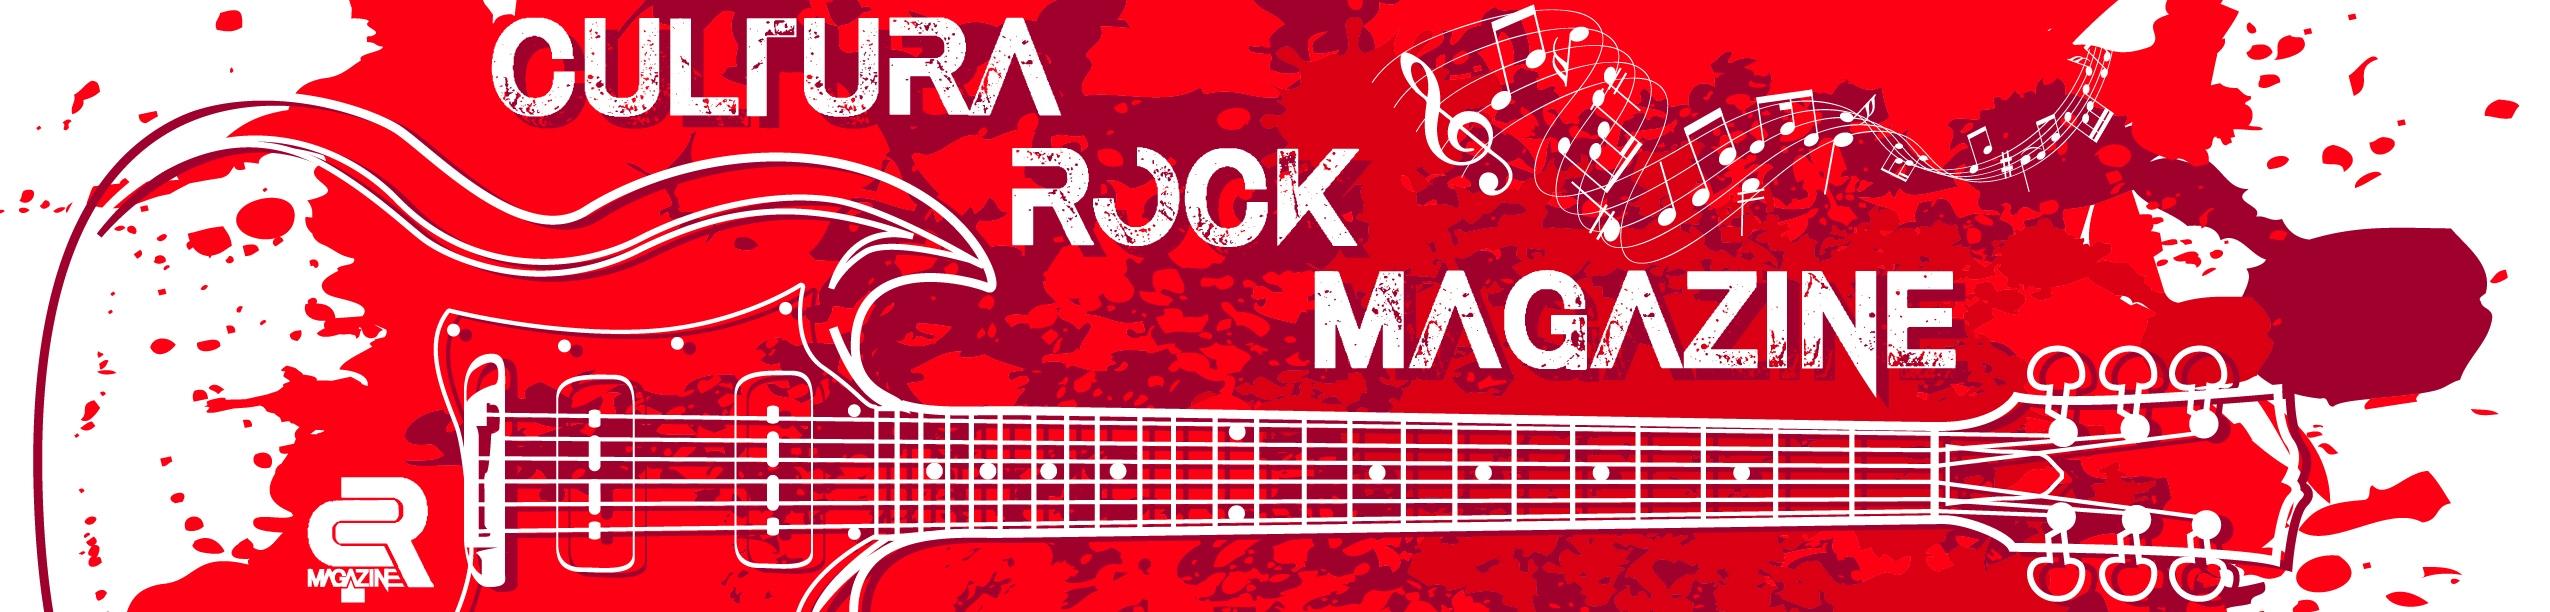 Cultura Rock Magazine (@culturarockmagazine) Cover Image